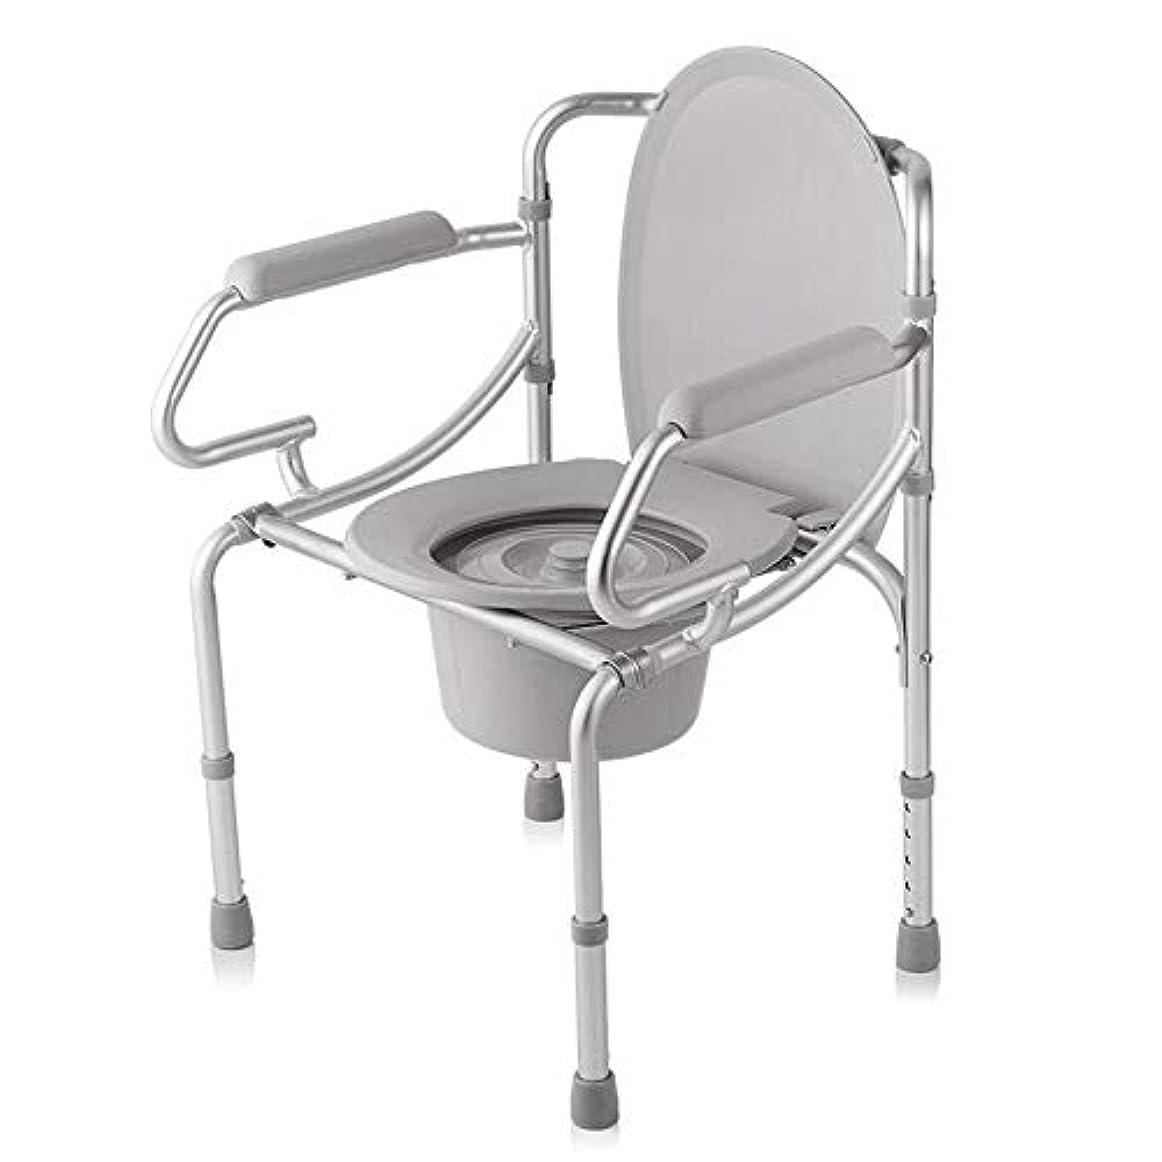 信条彫刻基本的な調節可能な便器椅子、取り外し可能なパッド入りシートとトイレ付きの豪華な折りたたみ軽量便器